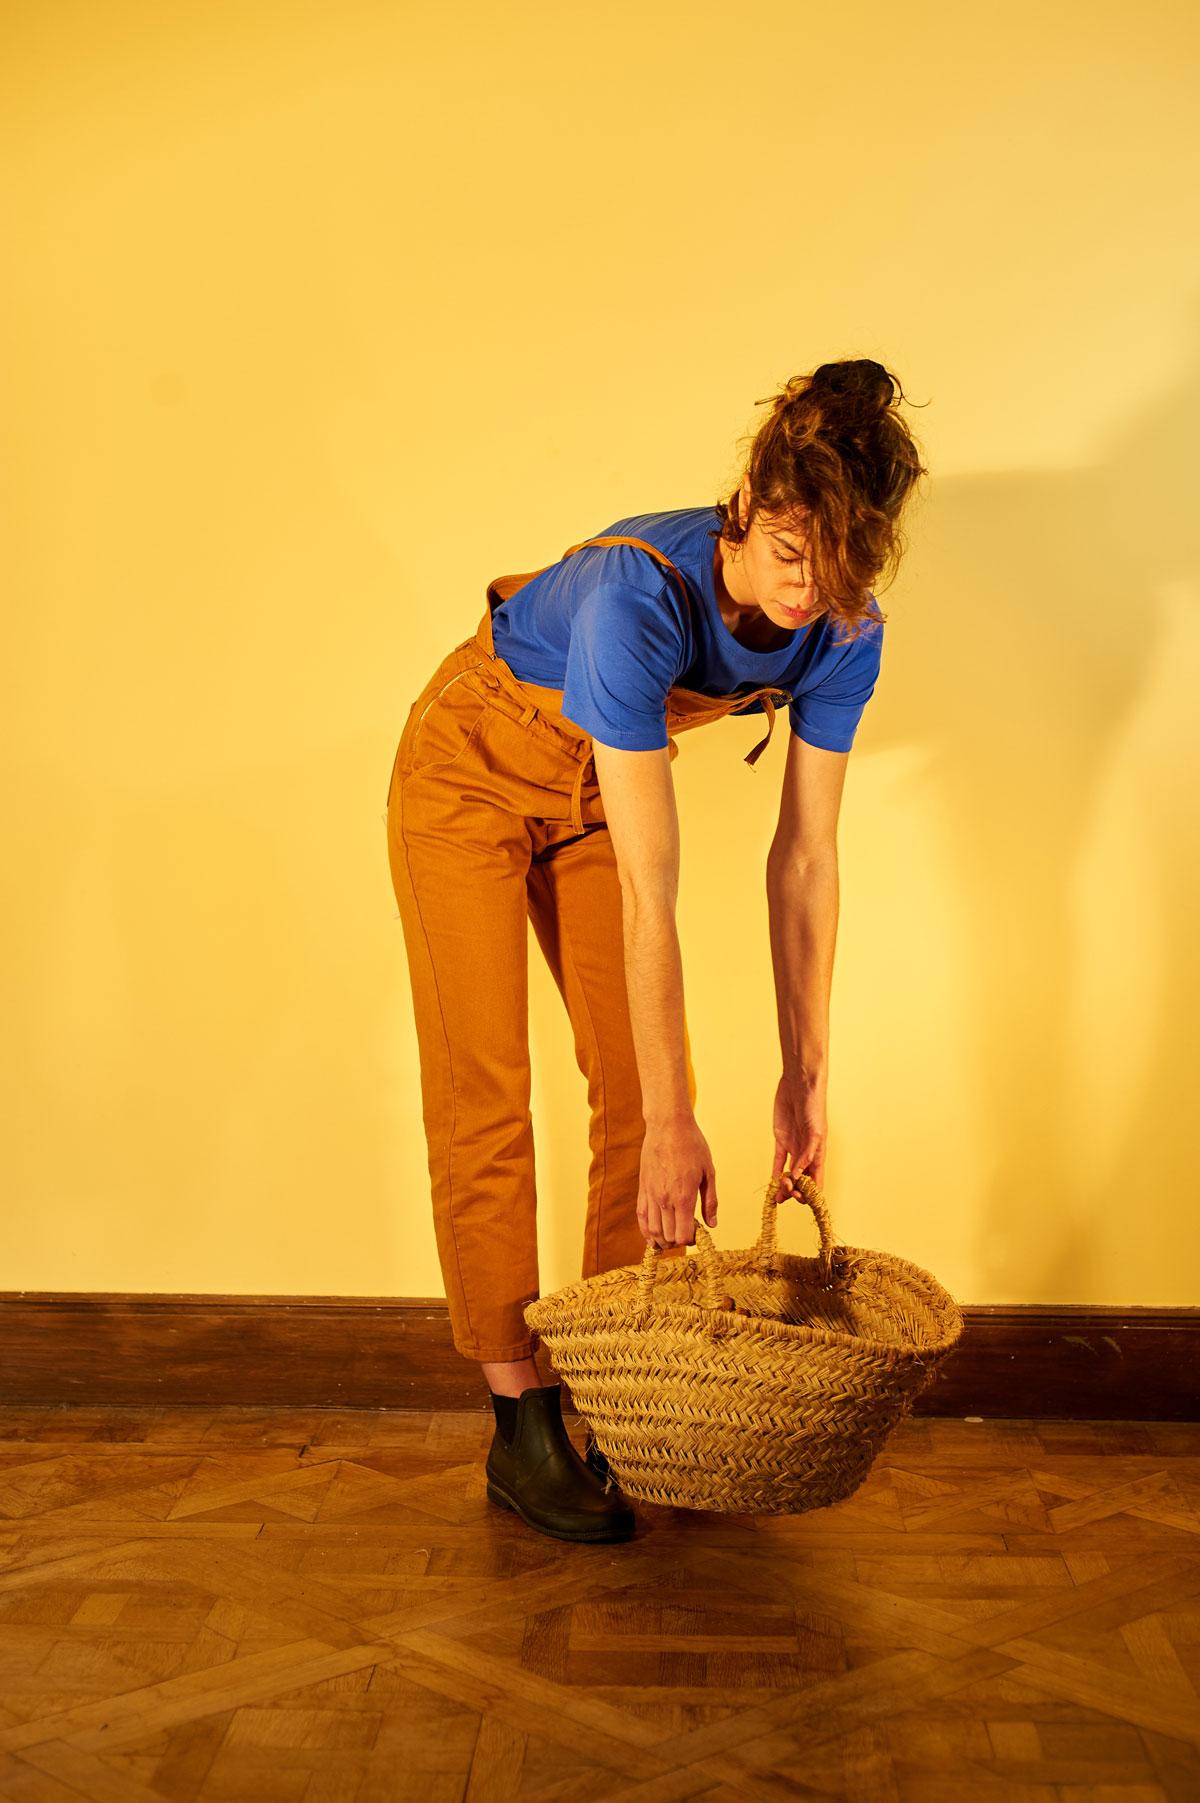 Graine - SS20 - Pantalons et salopettes - Modèle Justine Mothe - Photo Melvin Israel